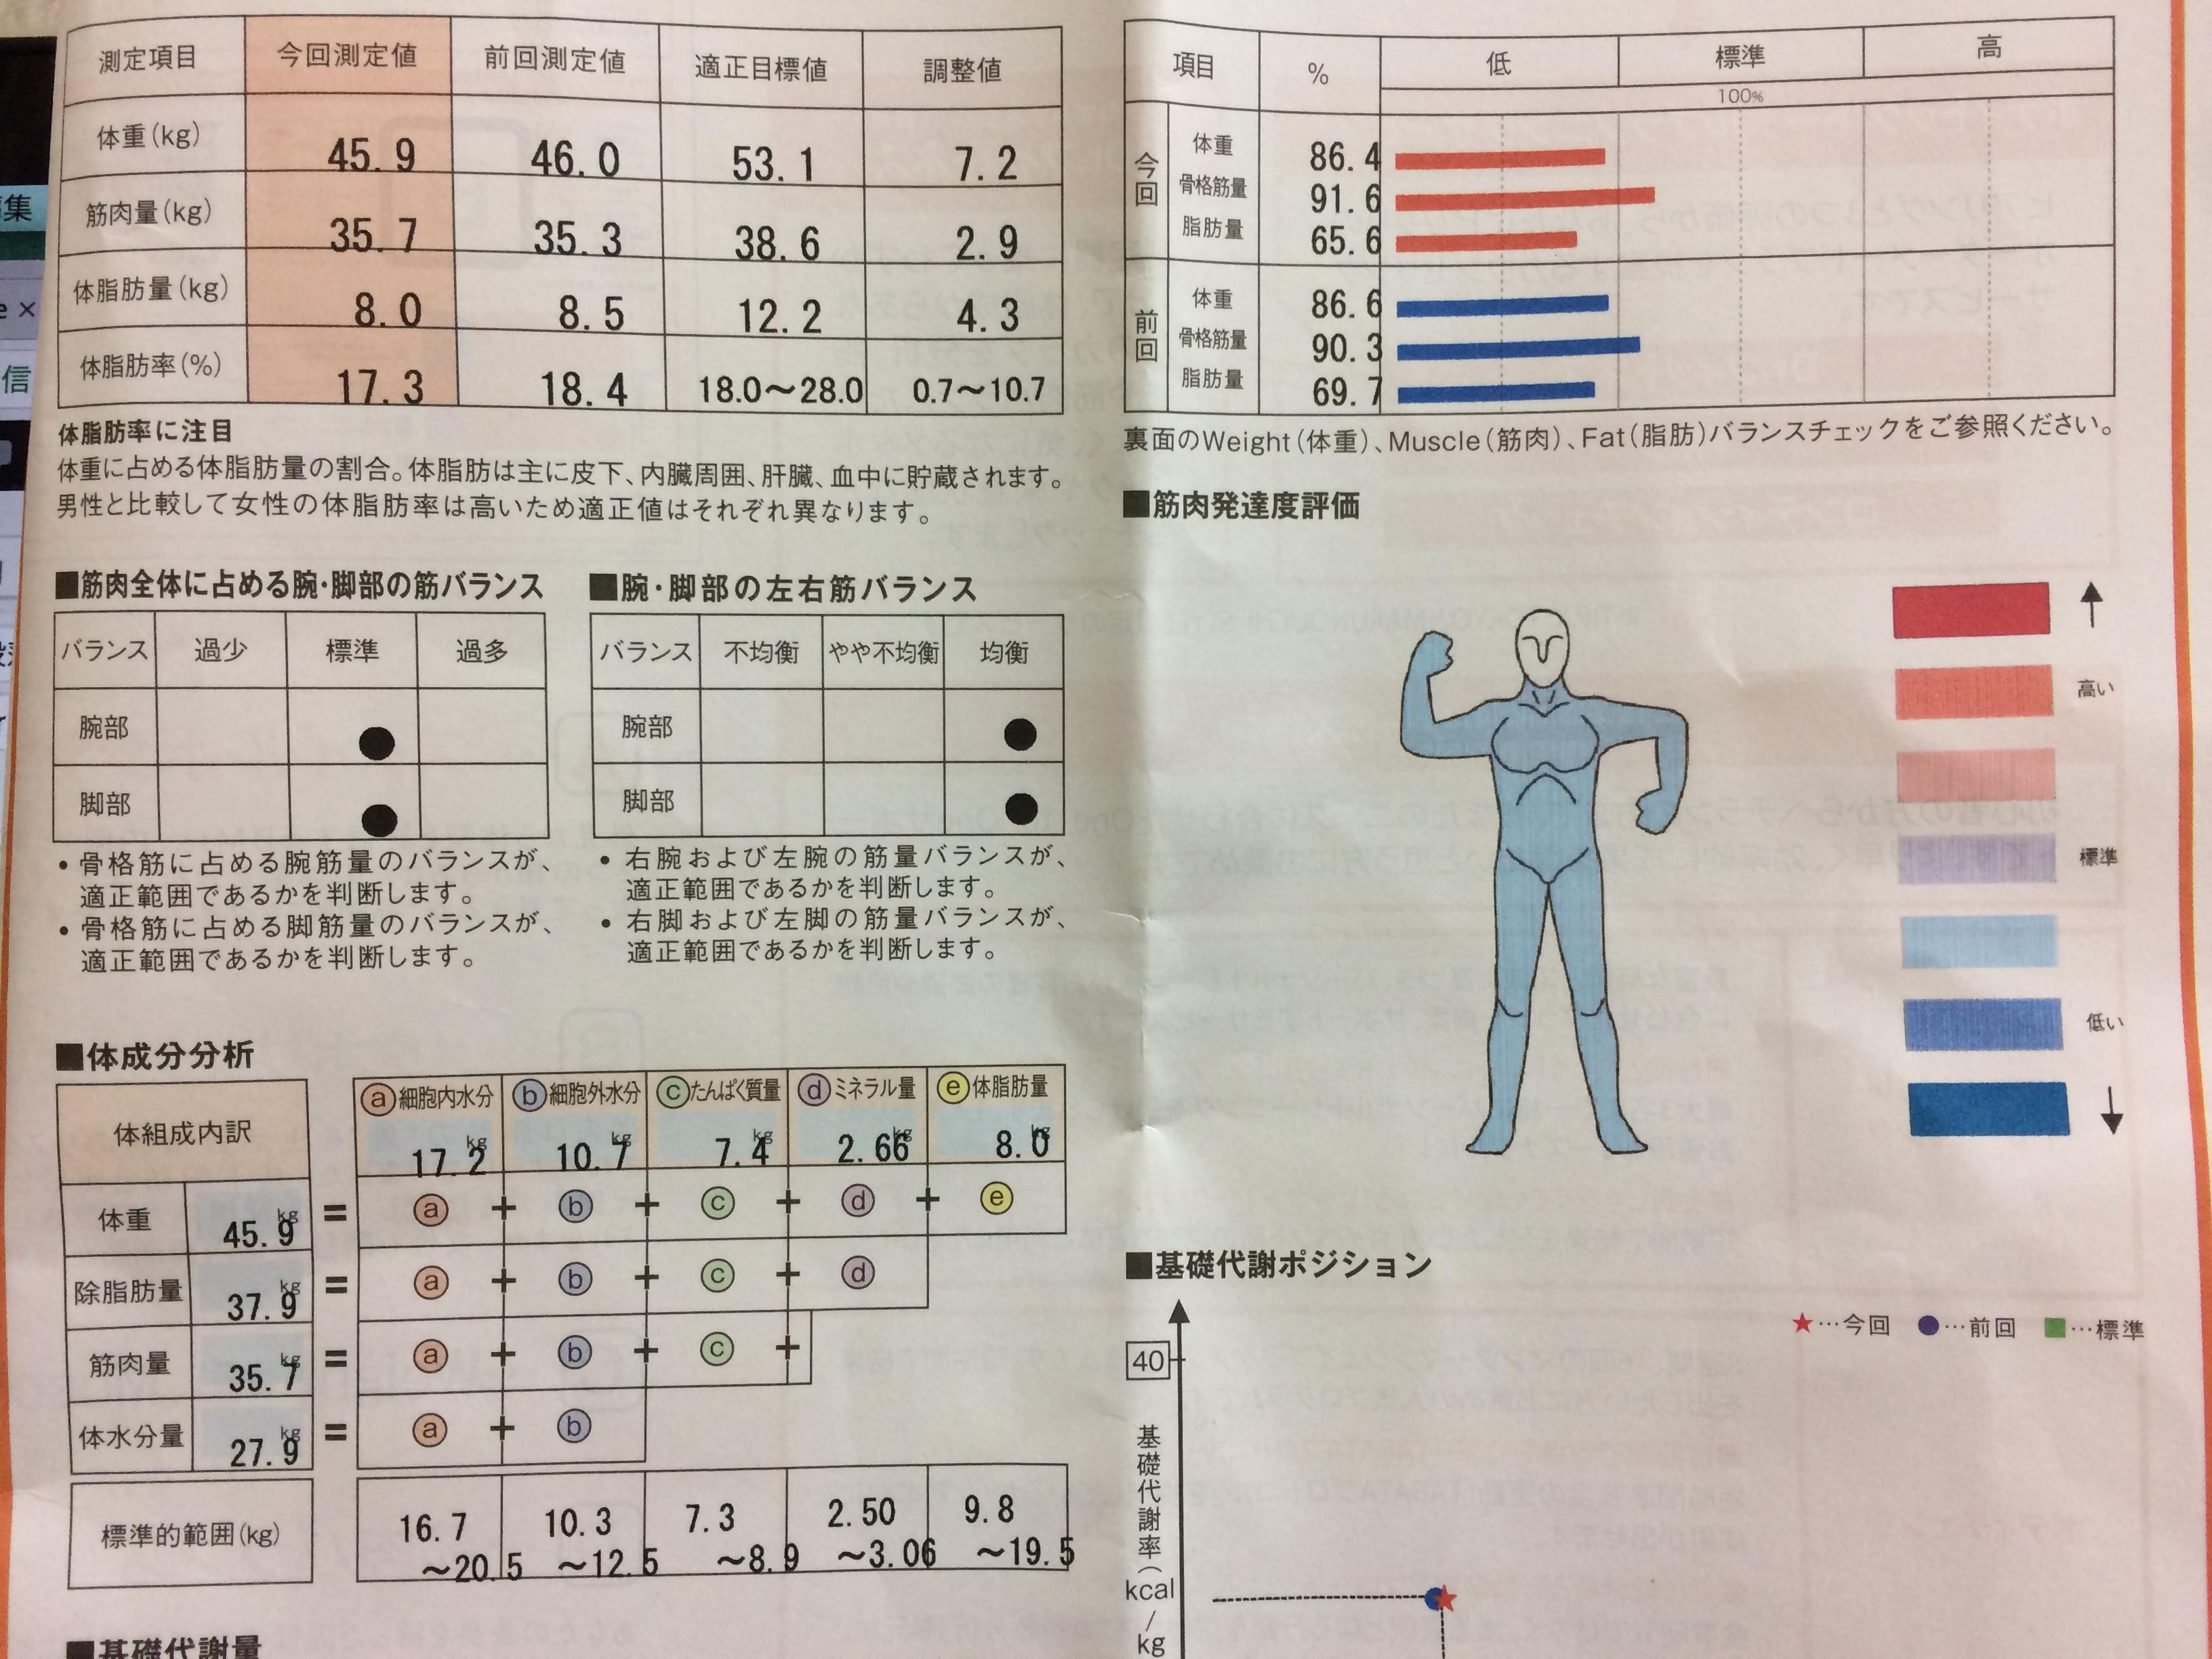 50歳からの体組成改善:「隠れ肥満」が「太りにくい理想の体」に(アラ還マラソン練習日記番外編)